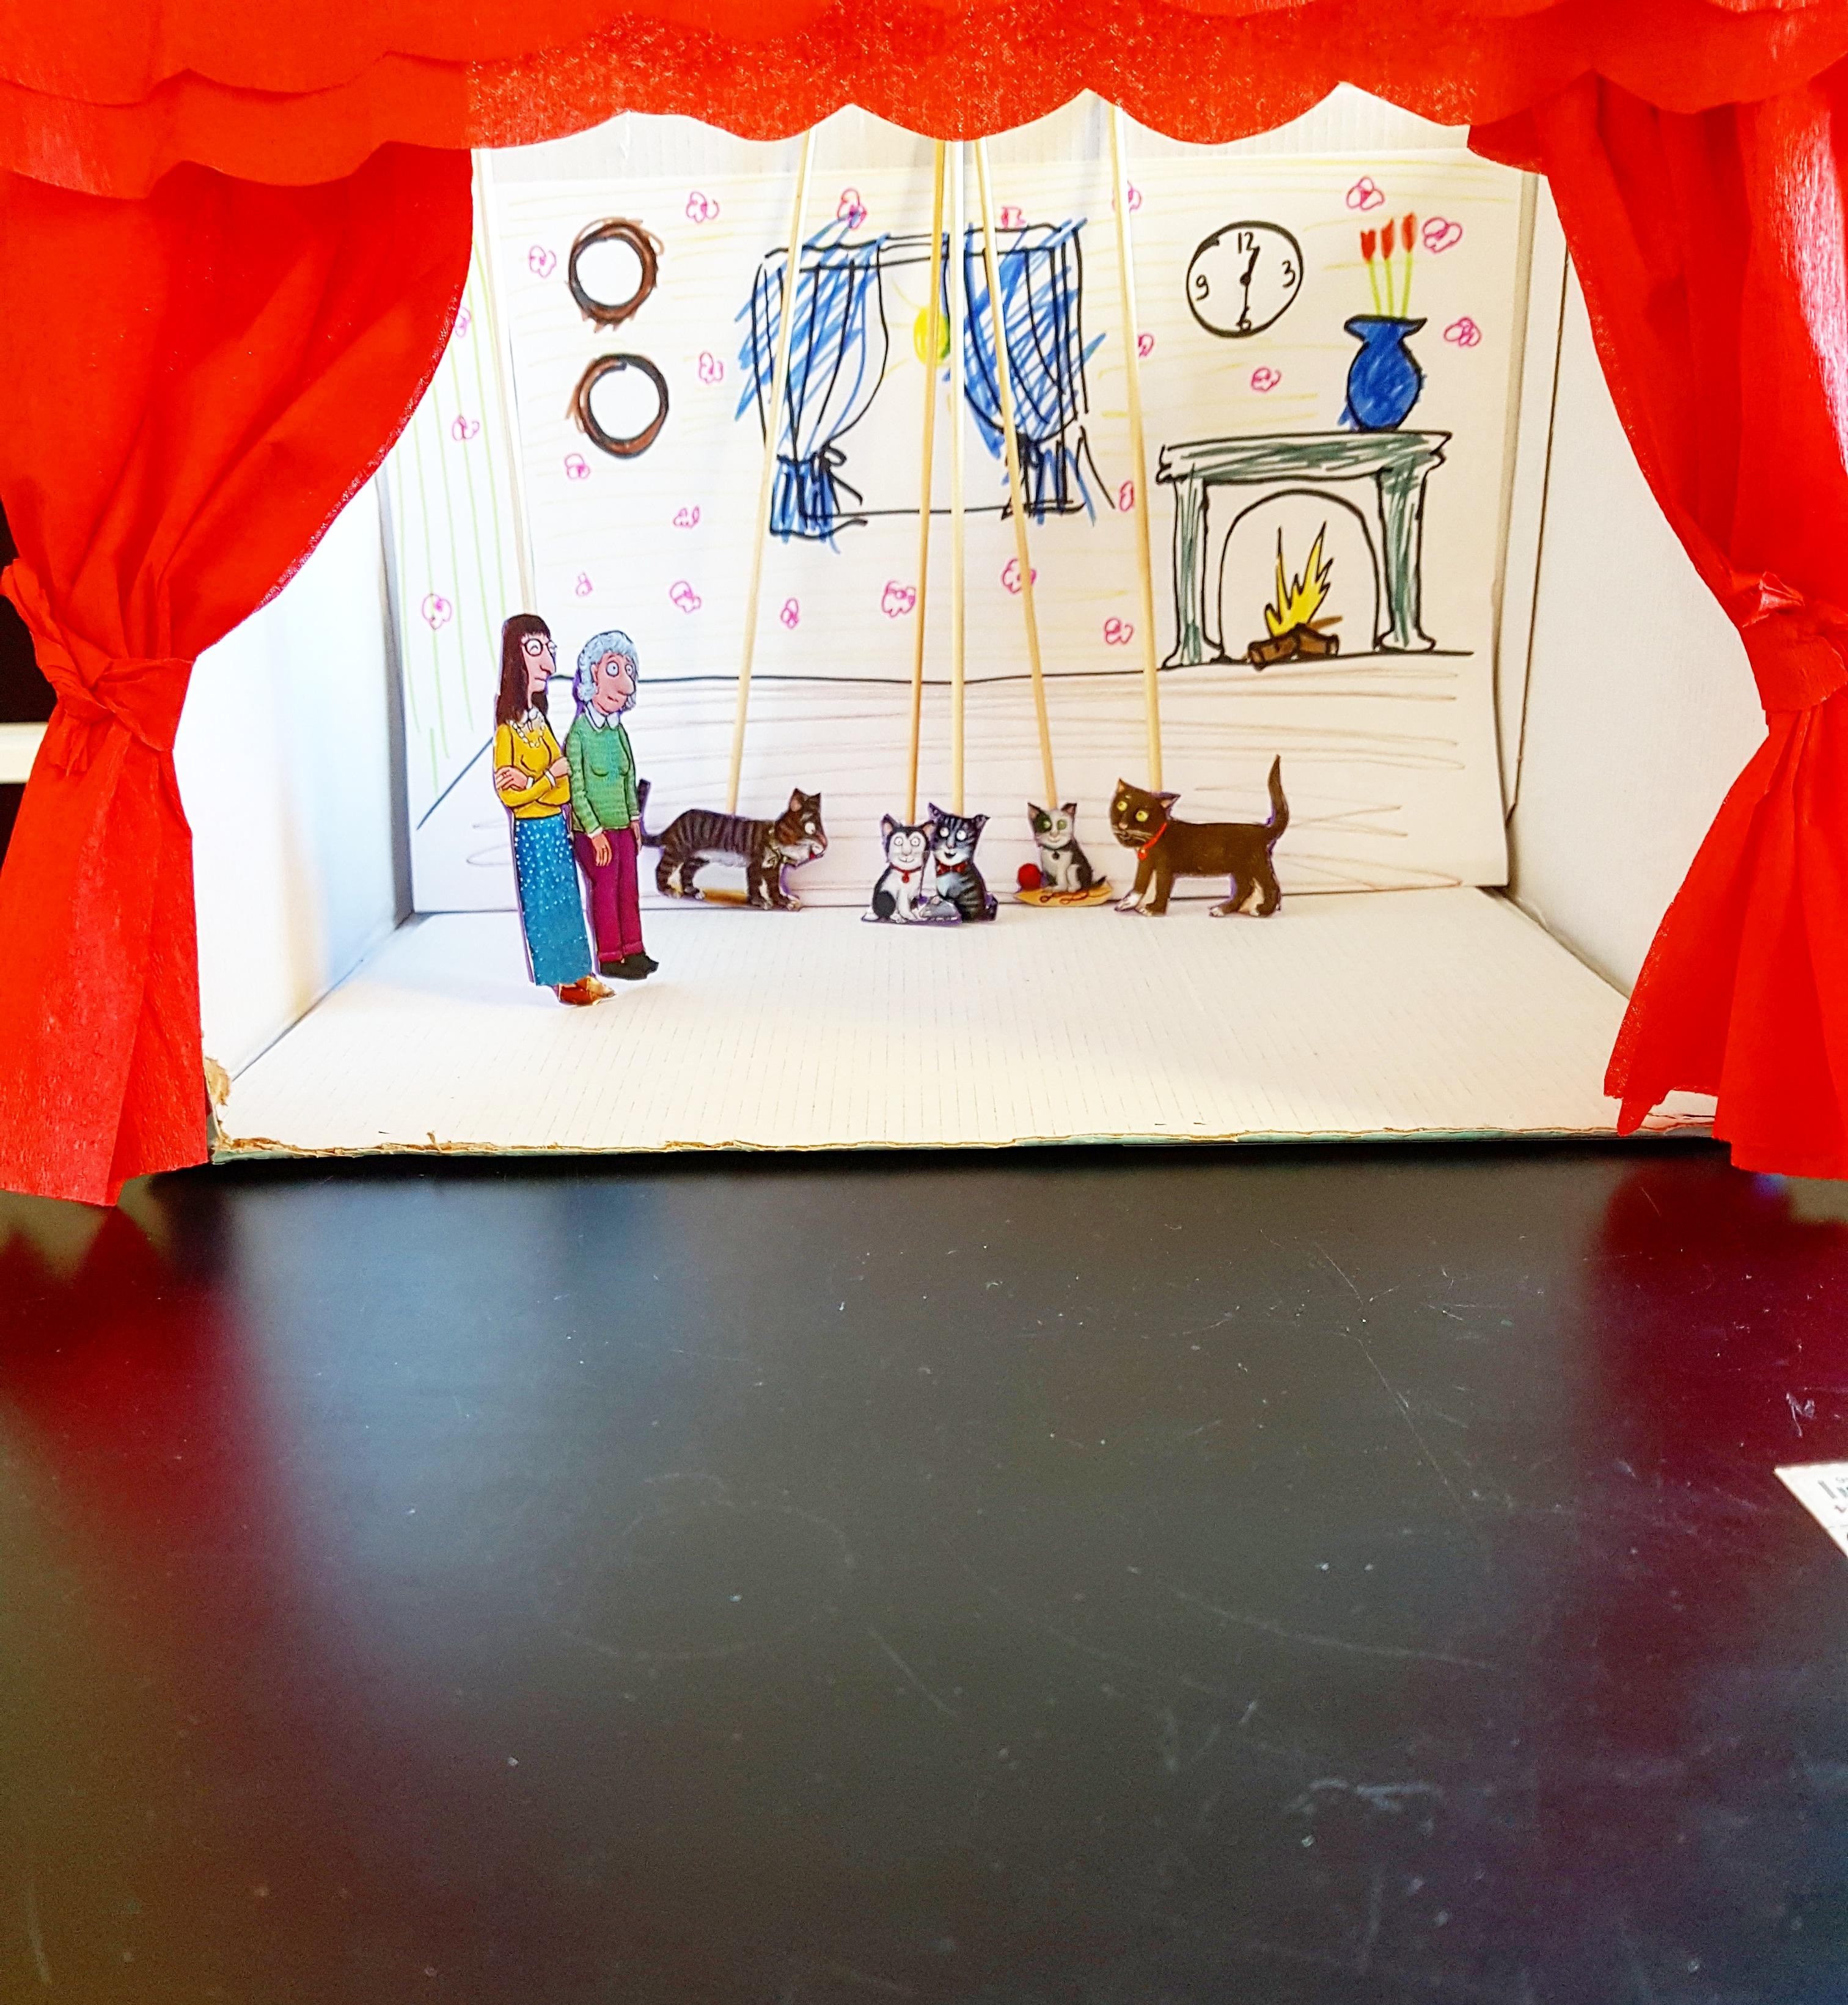 Kareltje Kat mini-theater